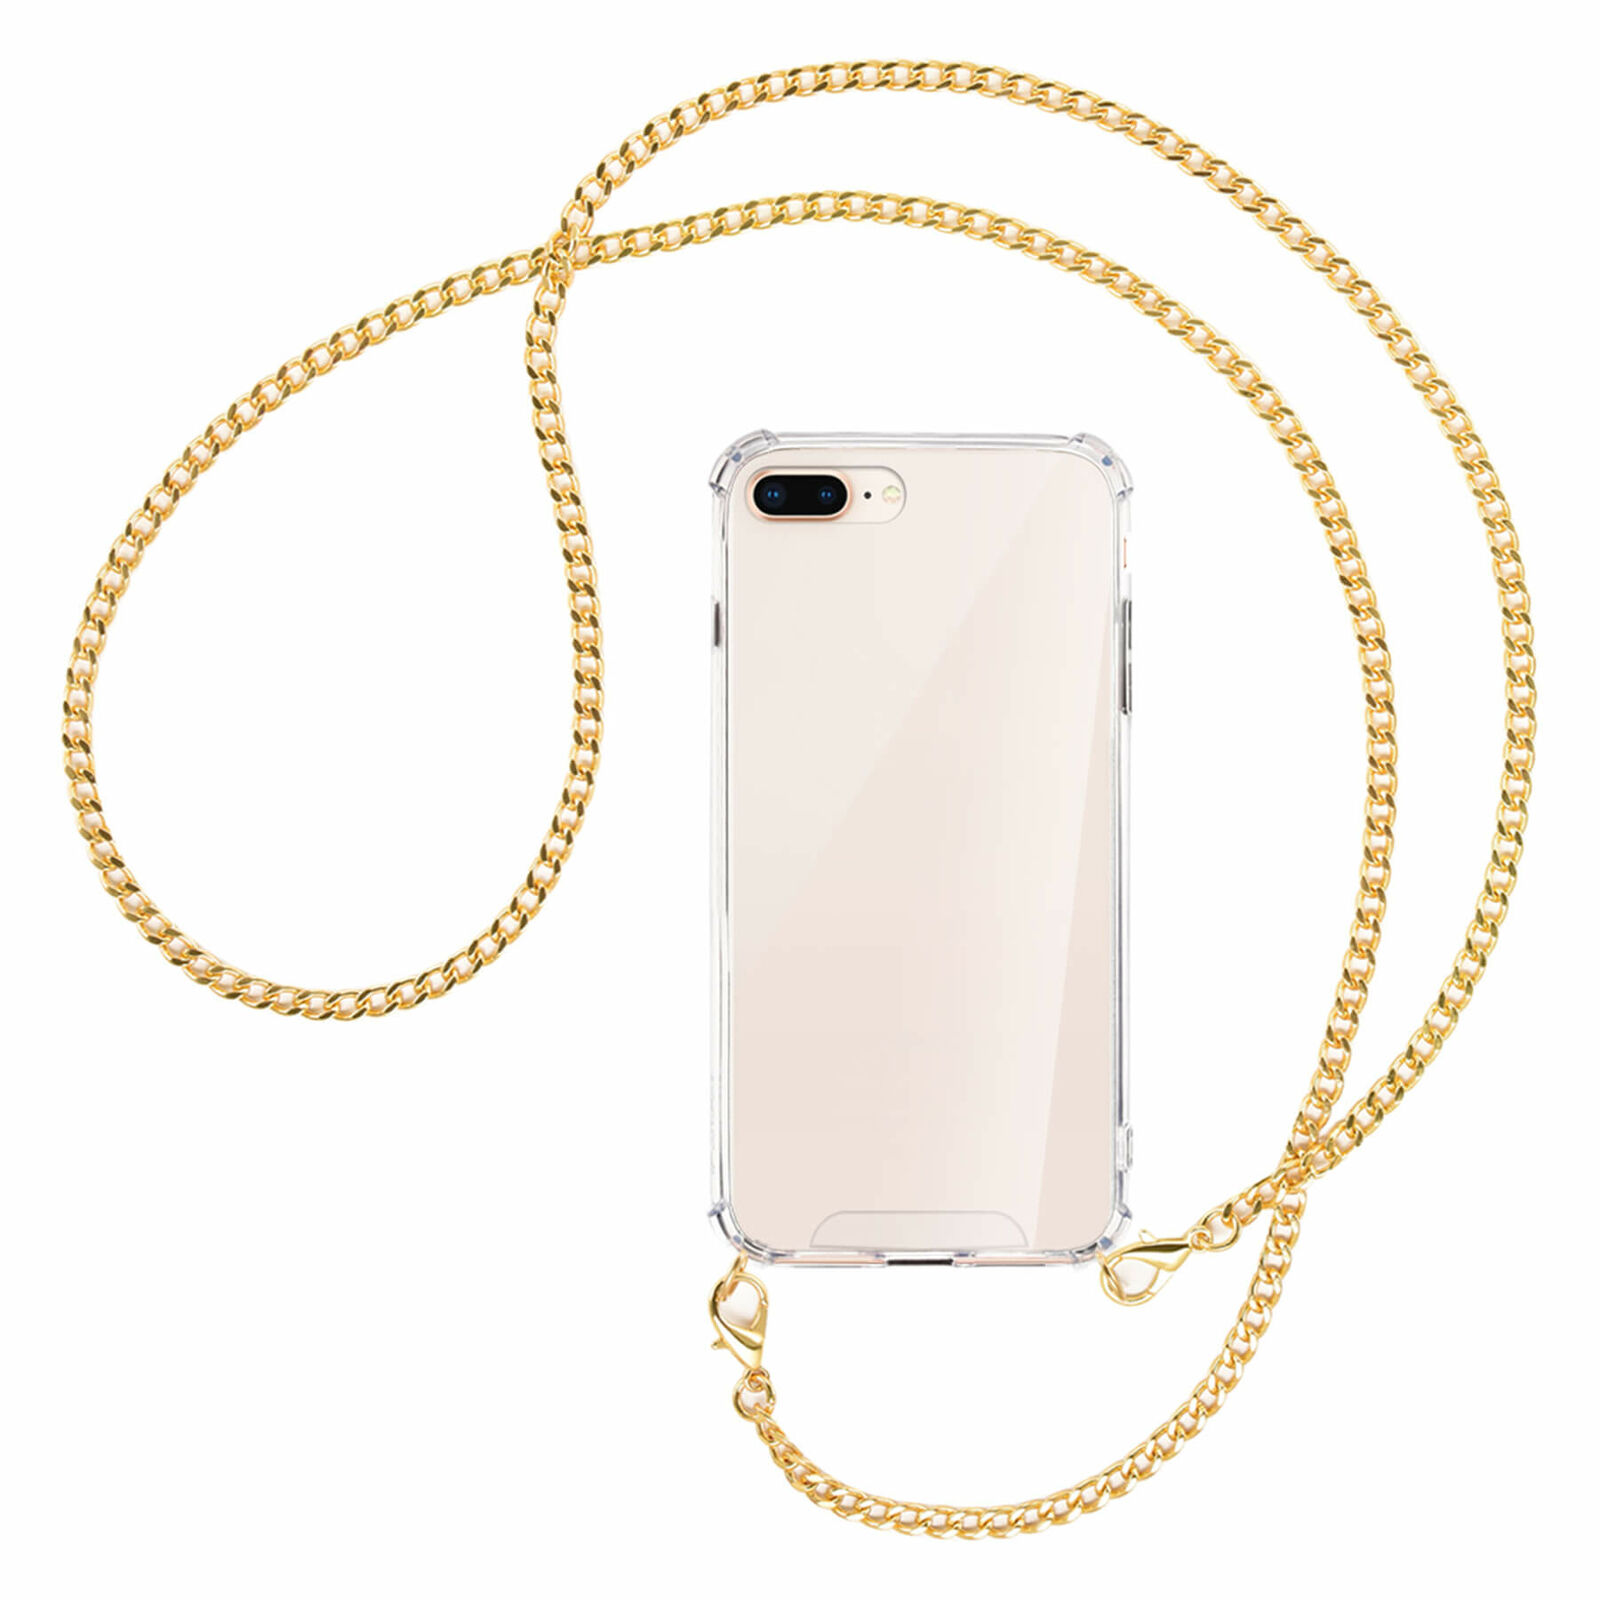 Collar para Apple iPhone 7 Plus / 8 Plus Cadena metal col....